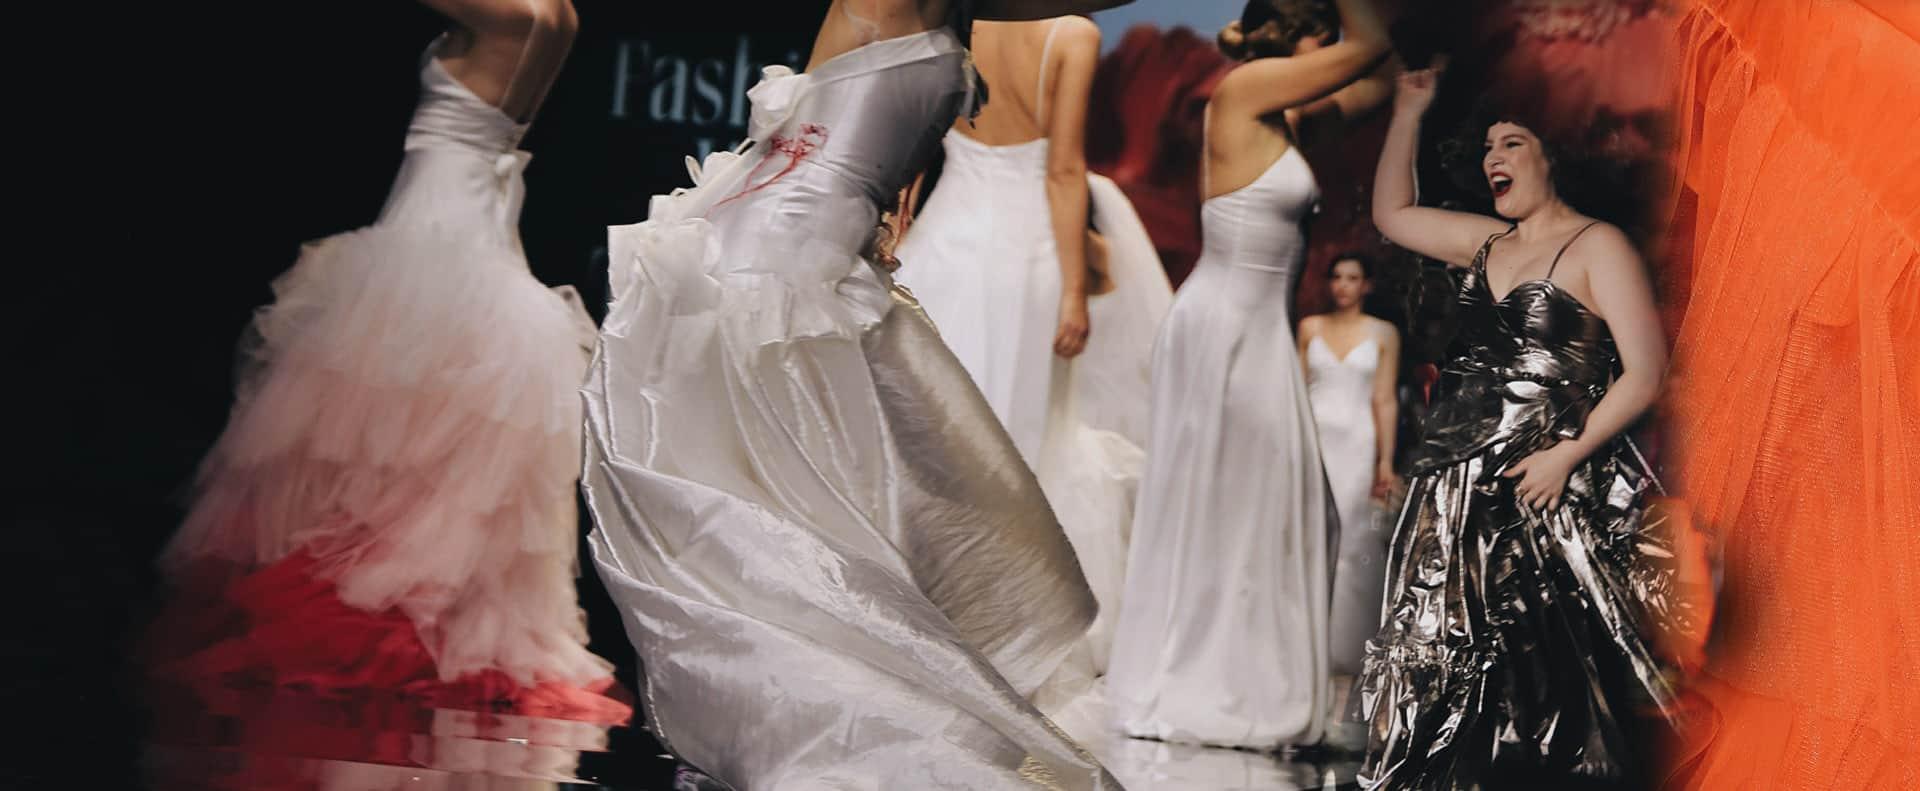 שחר אבנט.שבוע האופנה תל אביב 2019. צילום דסי פרומר -1